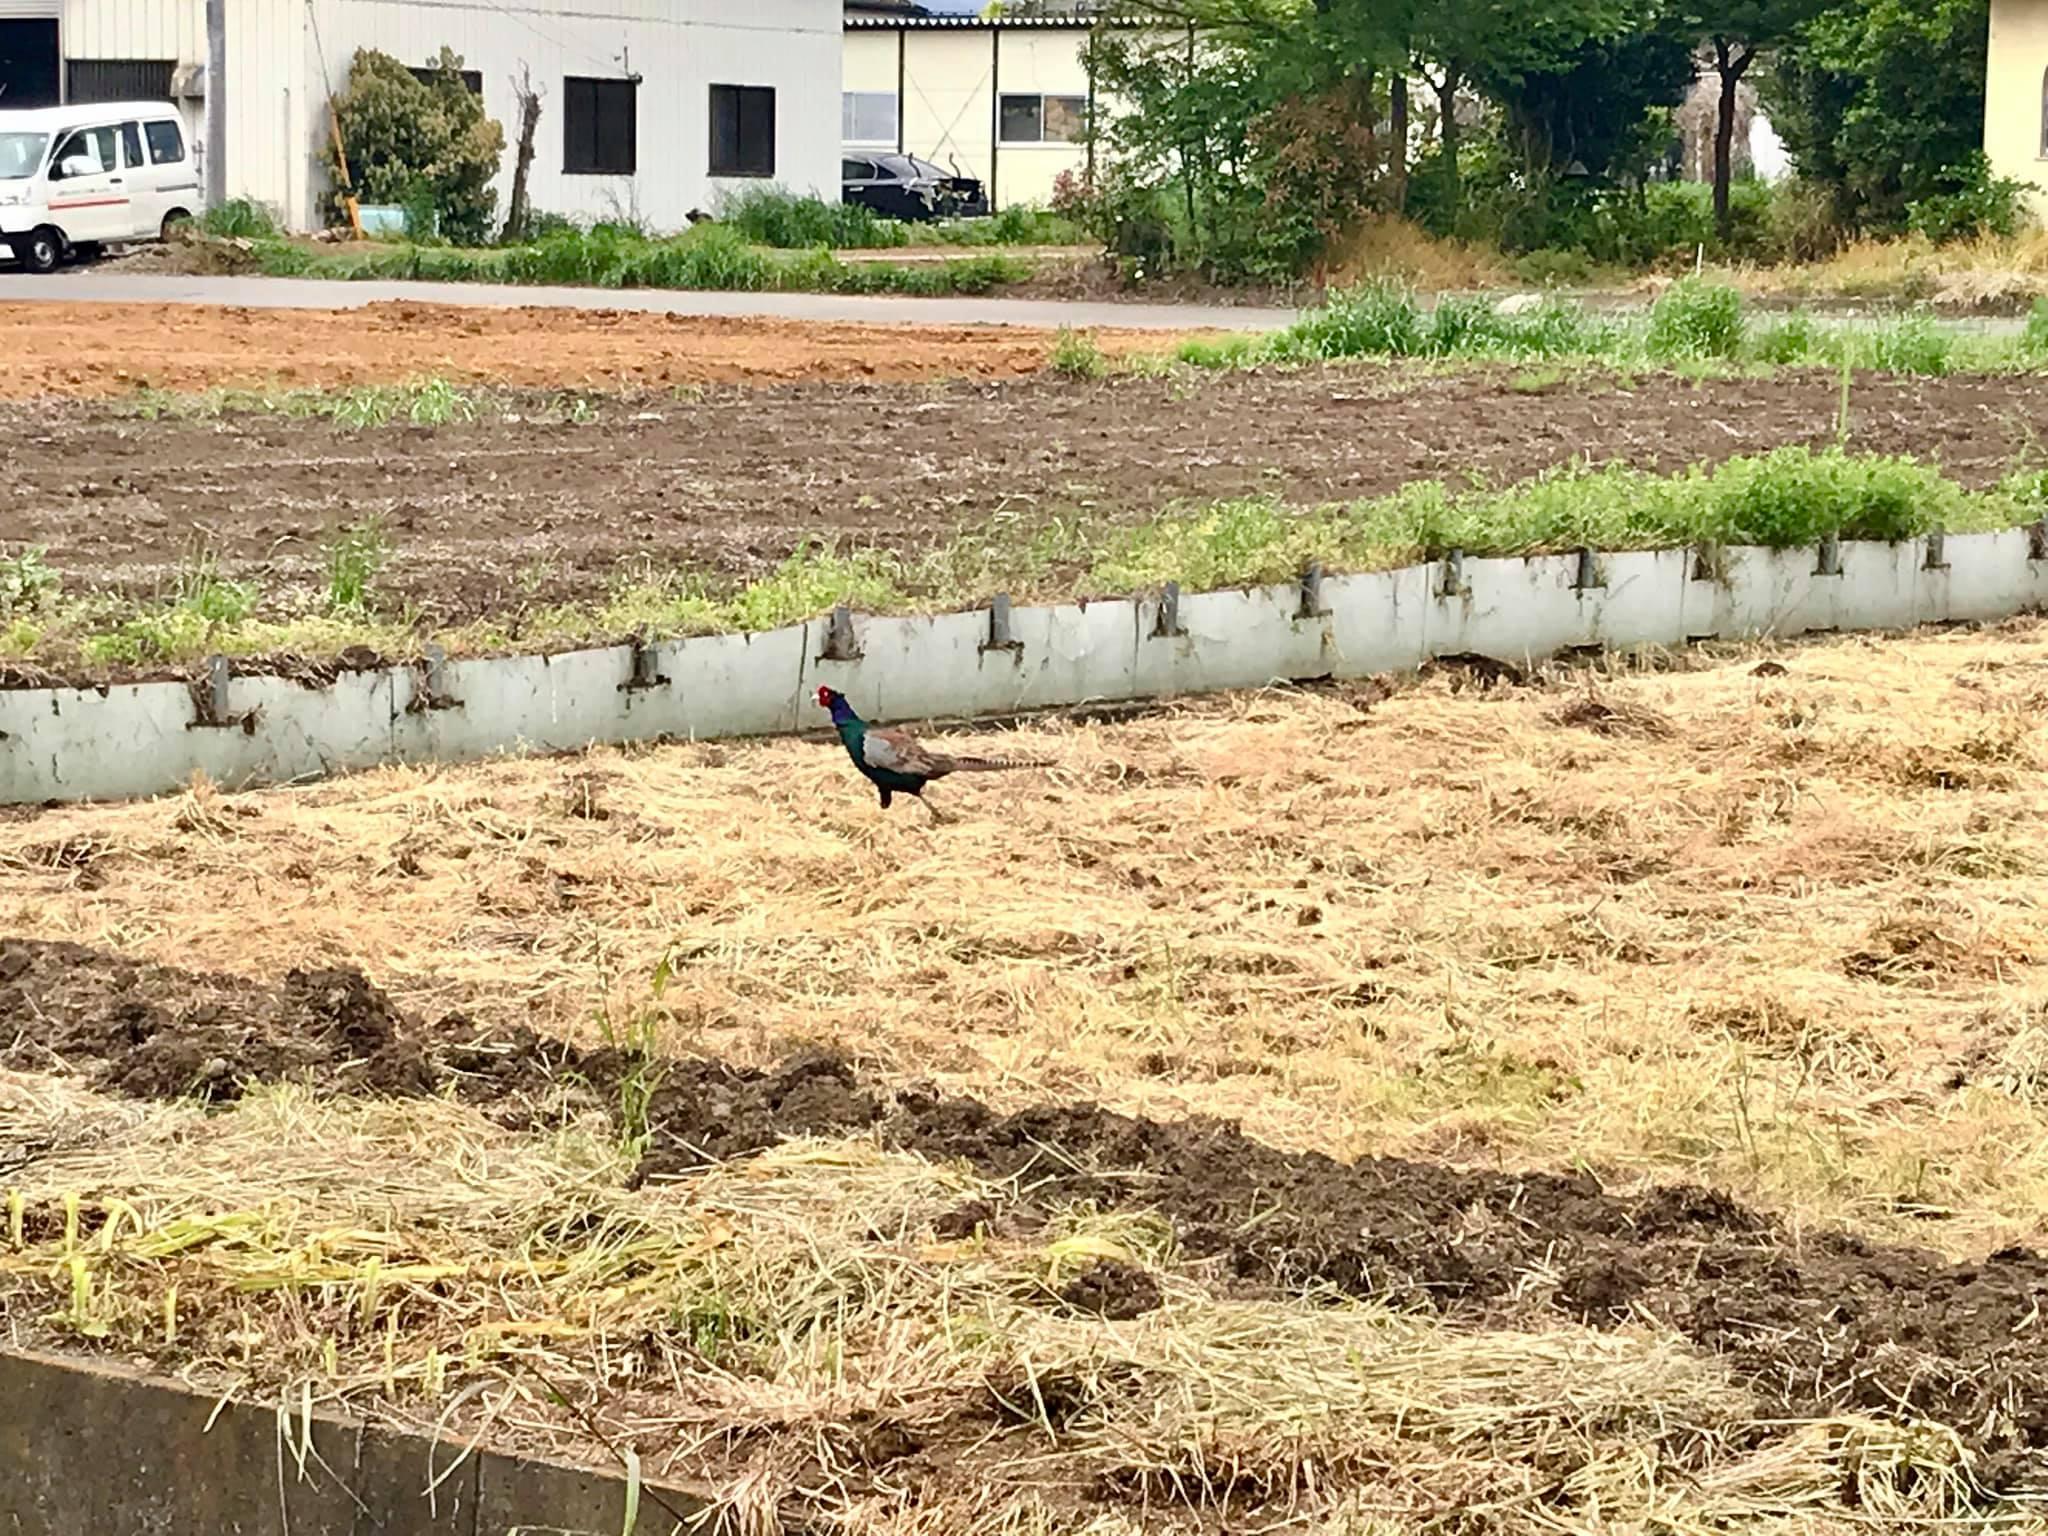 田んぼの近くで見かけたキジ。きれいな色ですね。